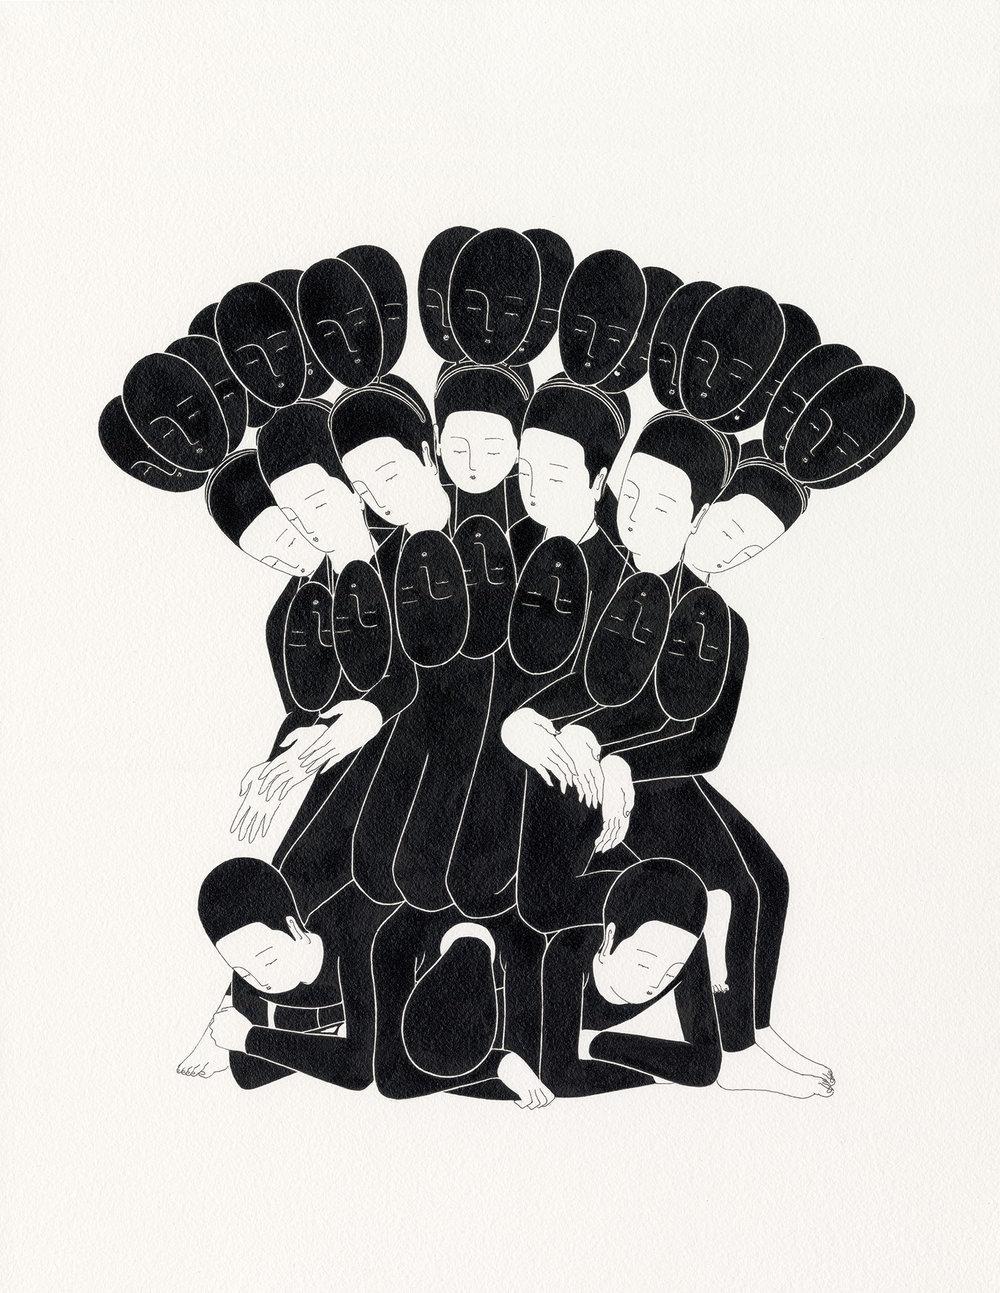 허영 덩어리 / Creature of fame Op.0125P -41 x 53 cm,종이에 잉크 / Ink on paper, 2016